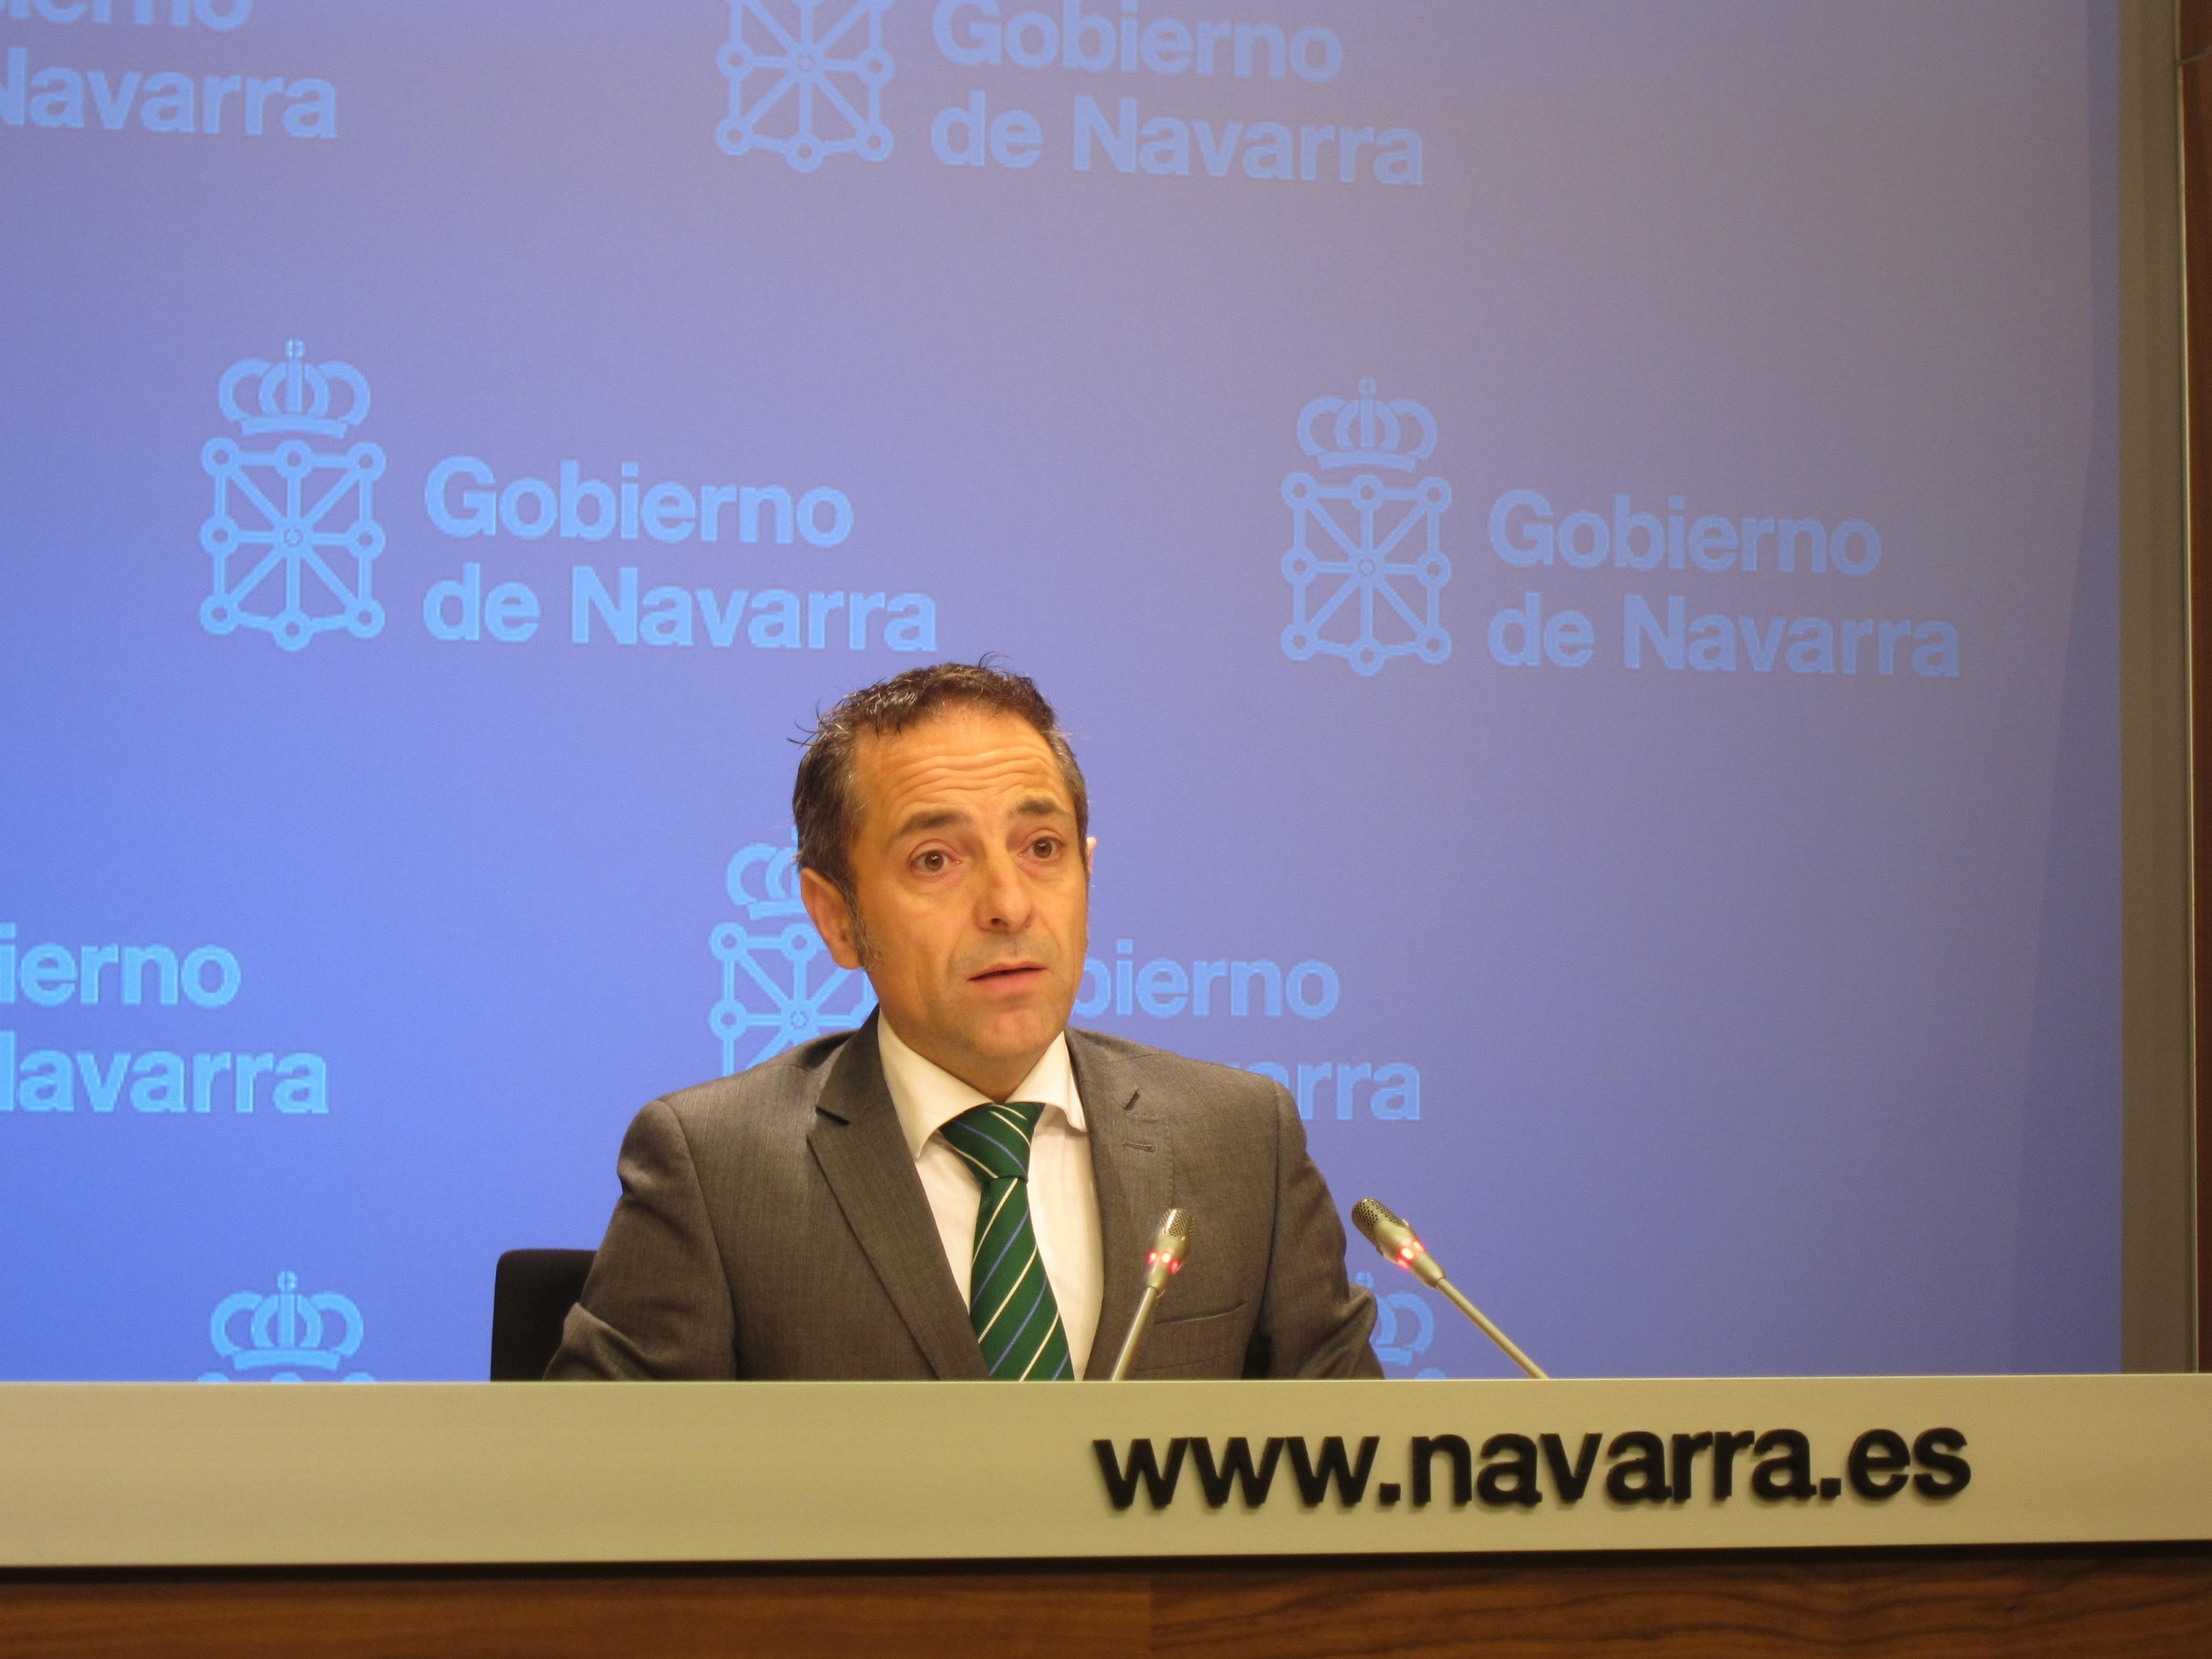 El Gobierno aumenta este año un 19% las ayudas al comercio minorista hasta alcanzar 1,3 millones de euros